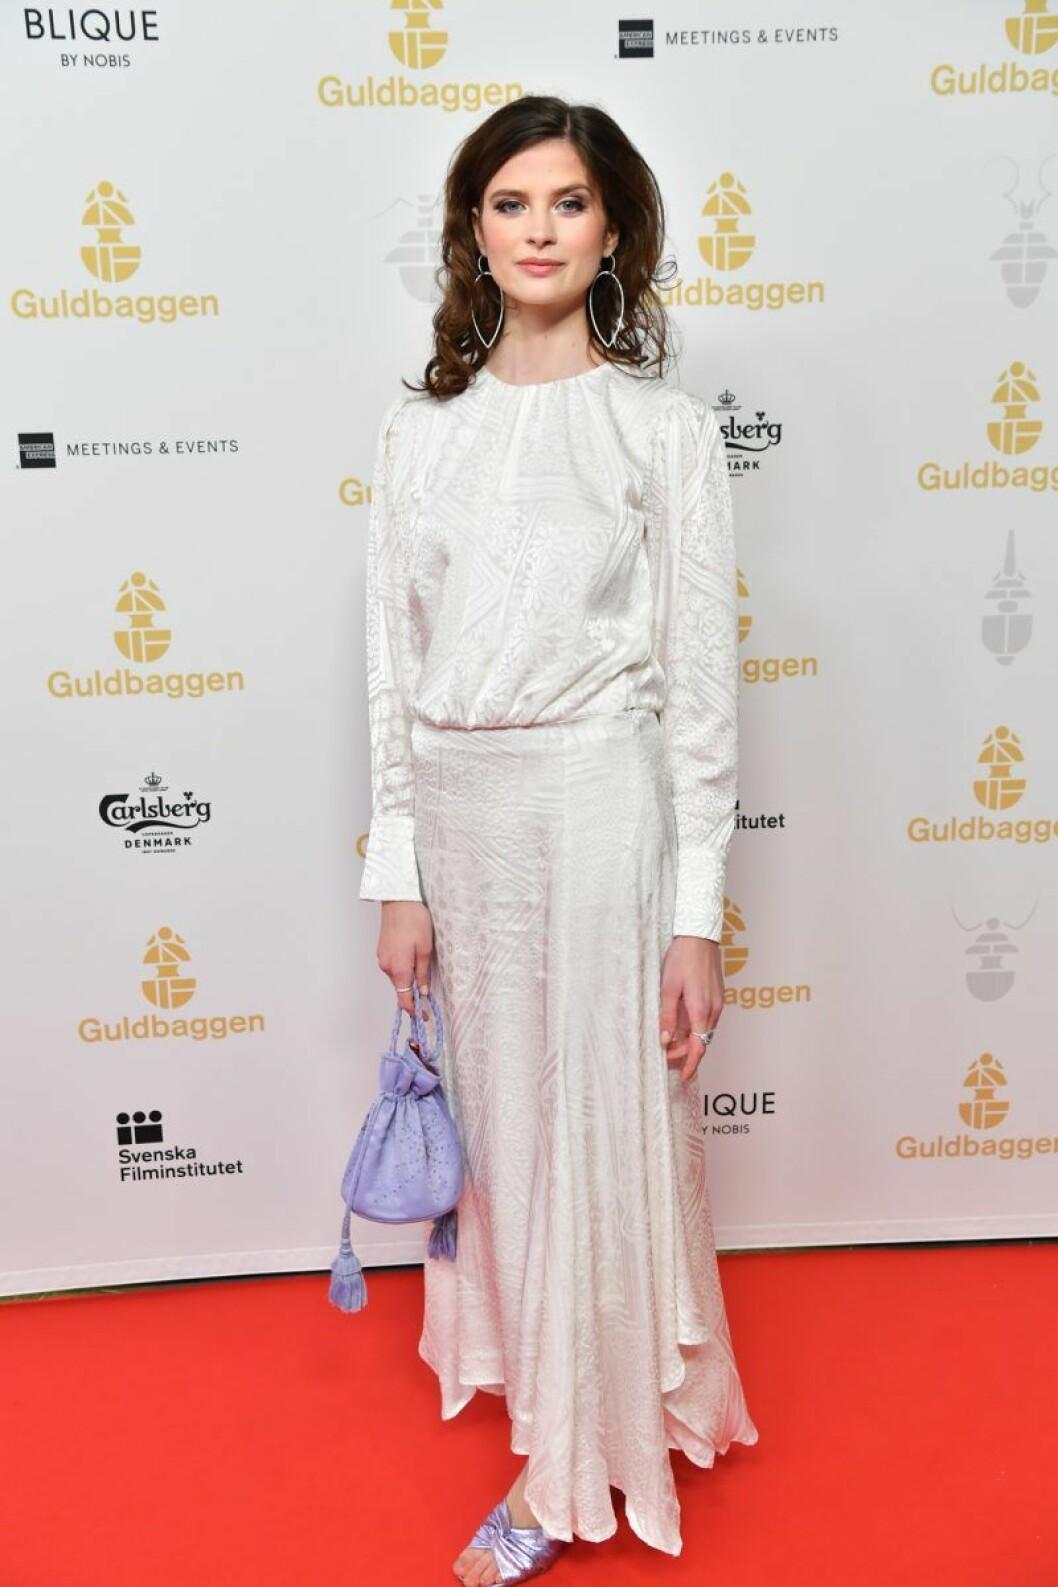 Hanna Ardéhn på röda mattan på Guldbaggegalan 2020